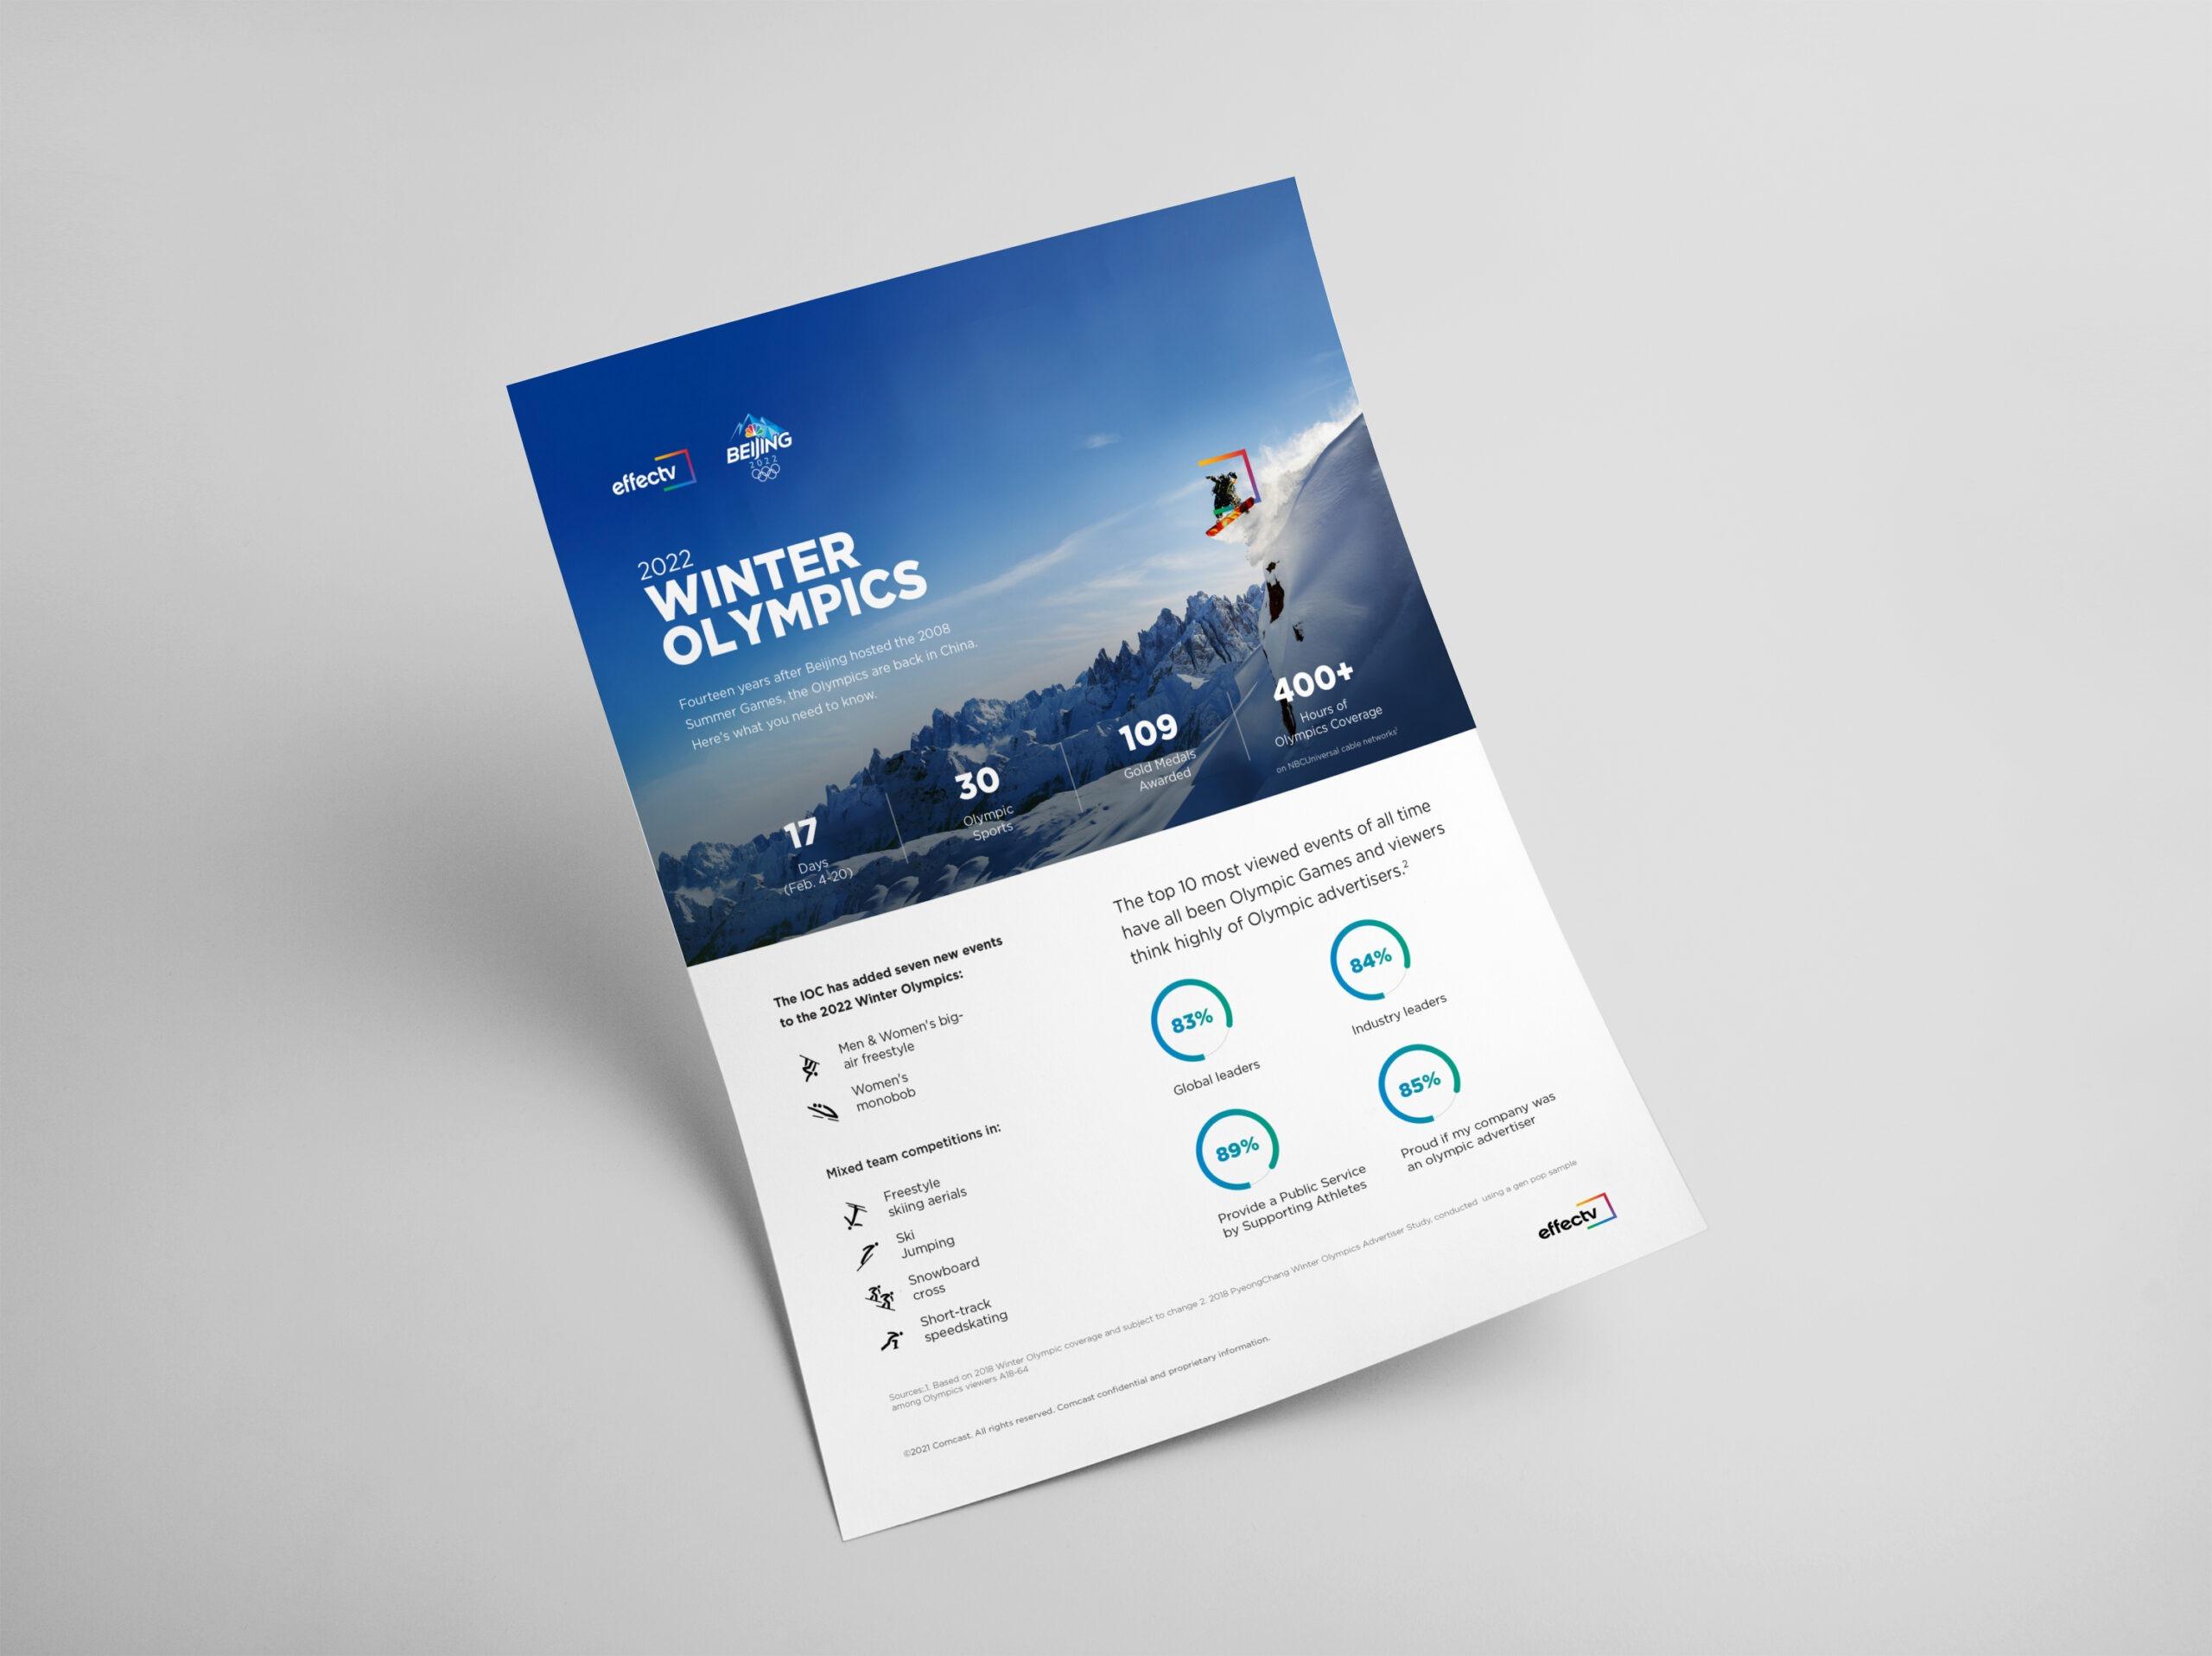 winter-olympics-beijing